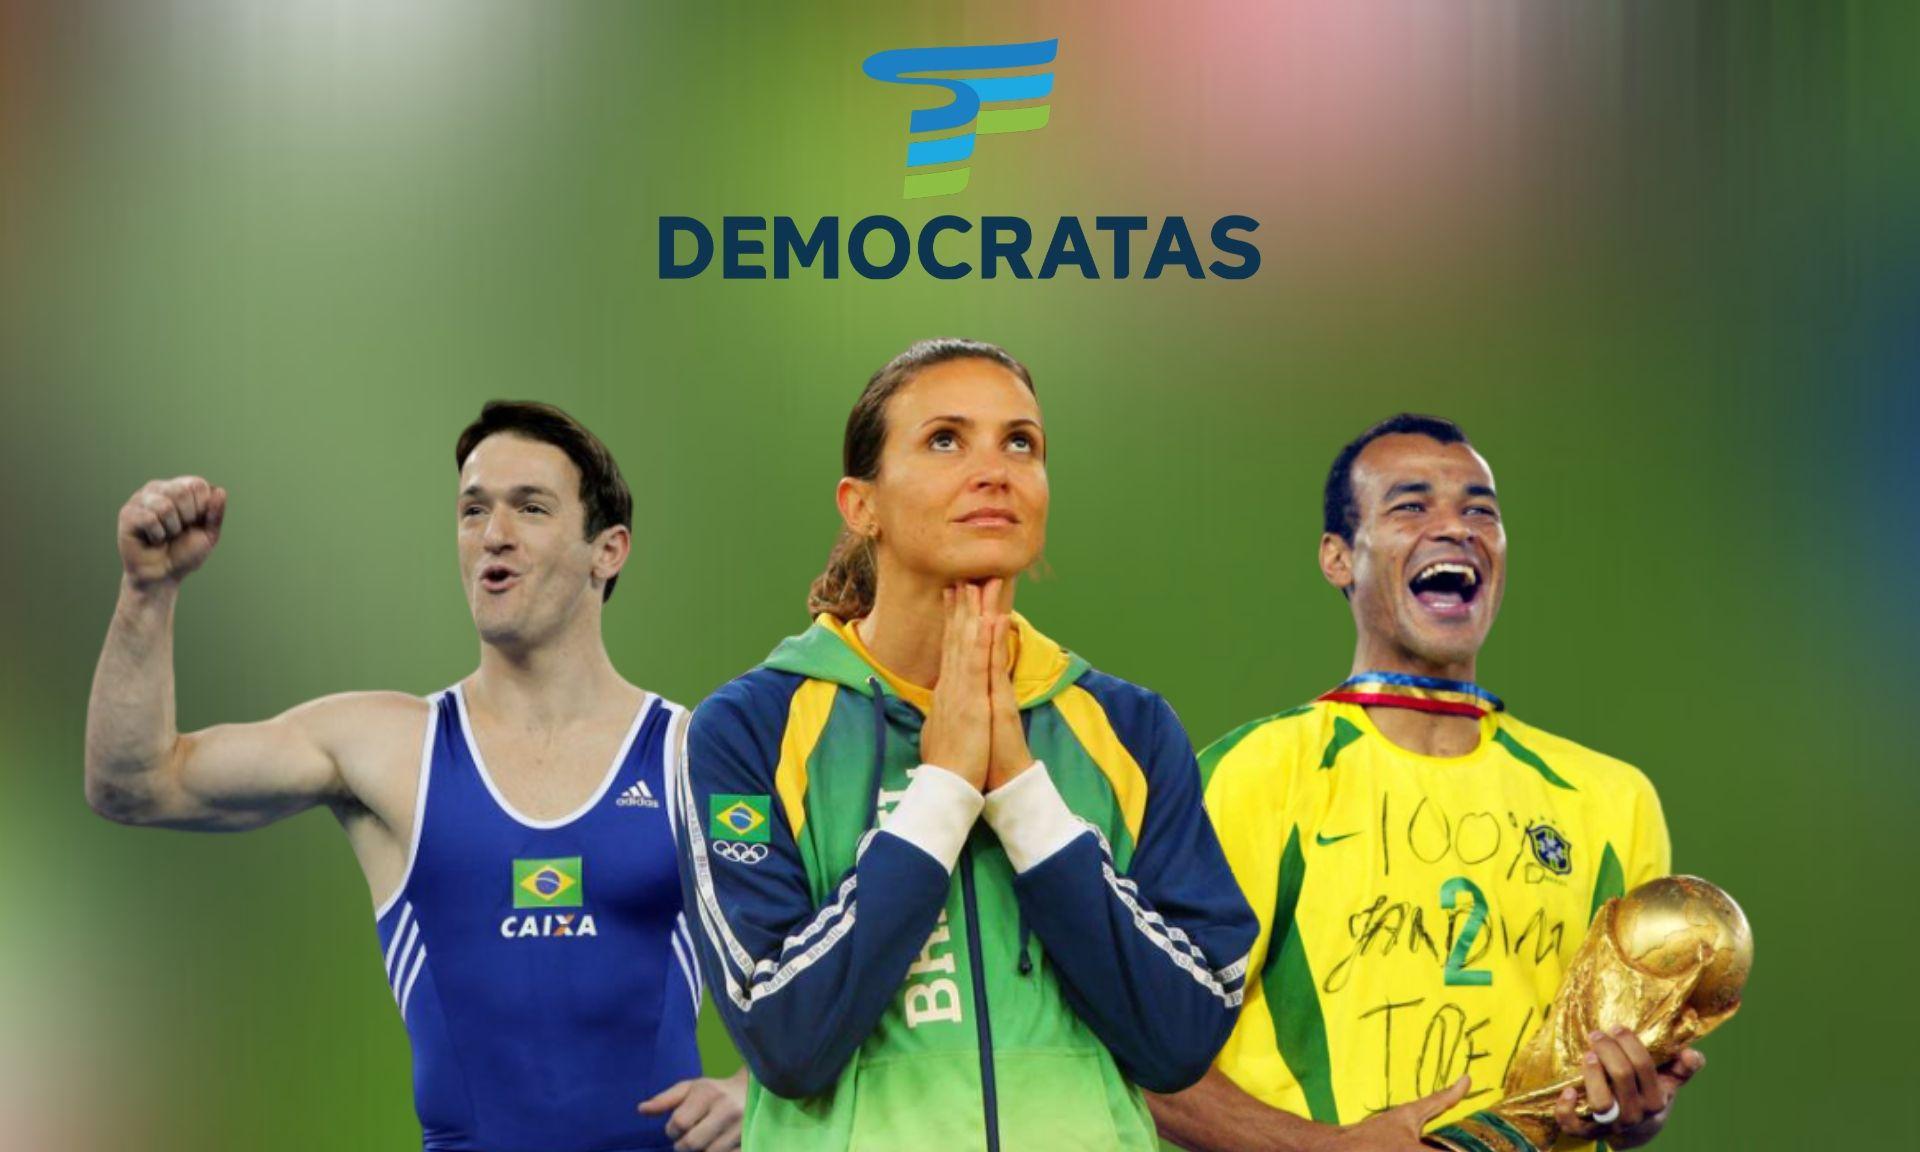 Democratas quer ex-atletas na disputa das eleições em São Paulo